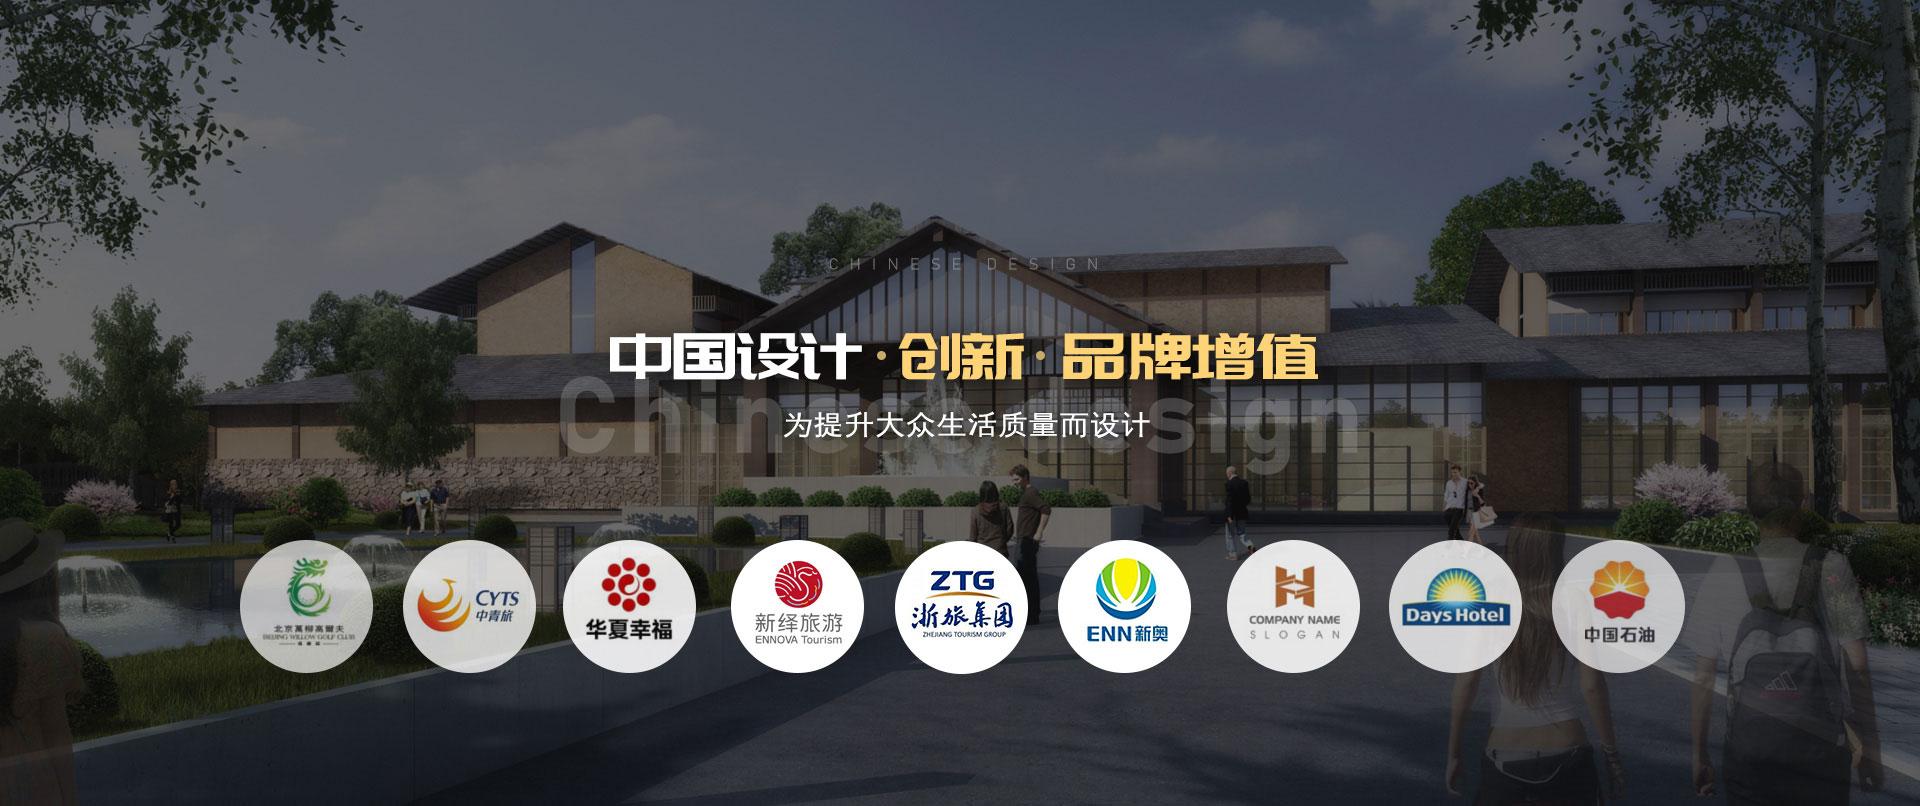 亿伽温泉,中国设计创新品牌增值